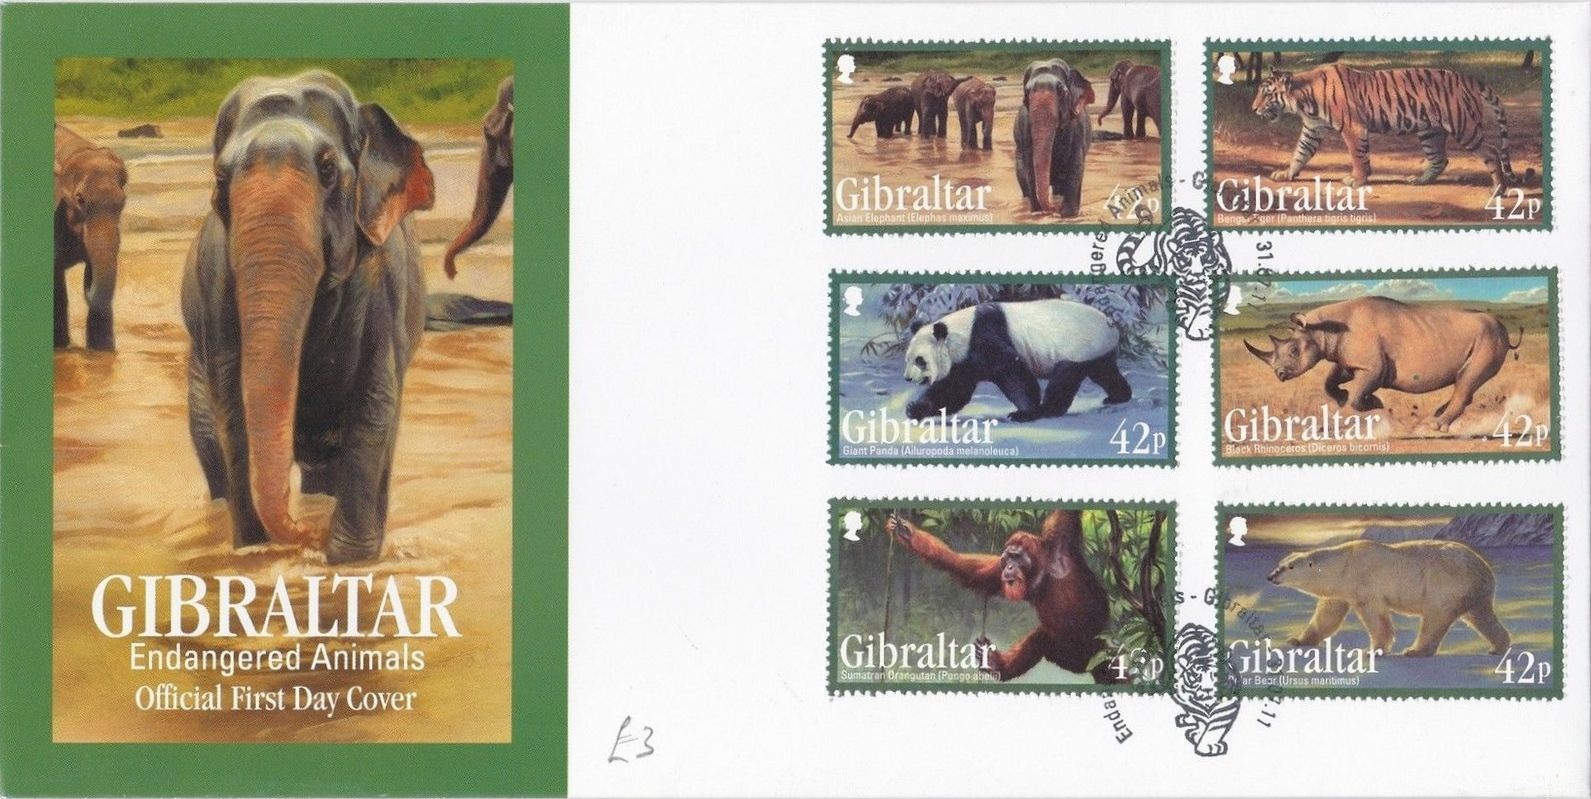 Gibraltar 2011 Endangered Animals FDCa.jpg